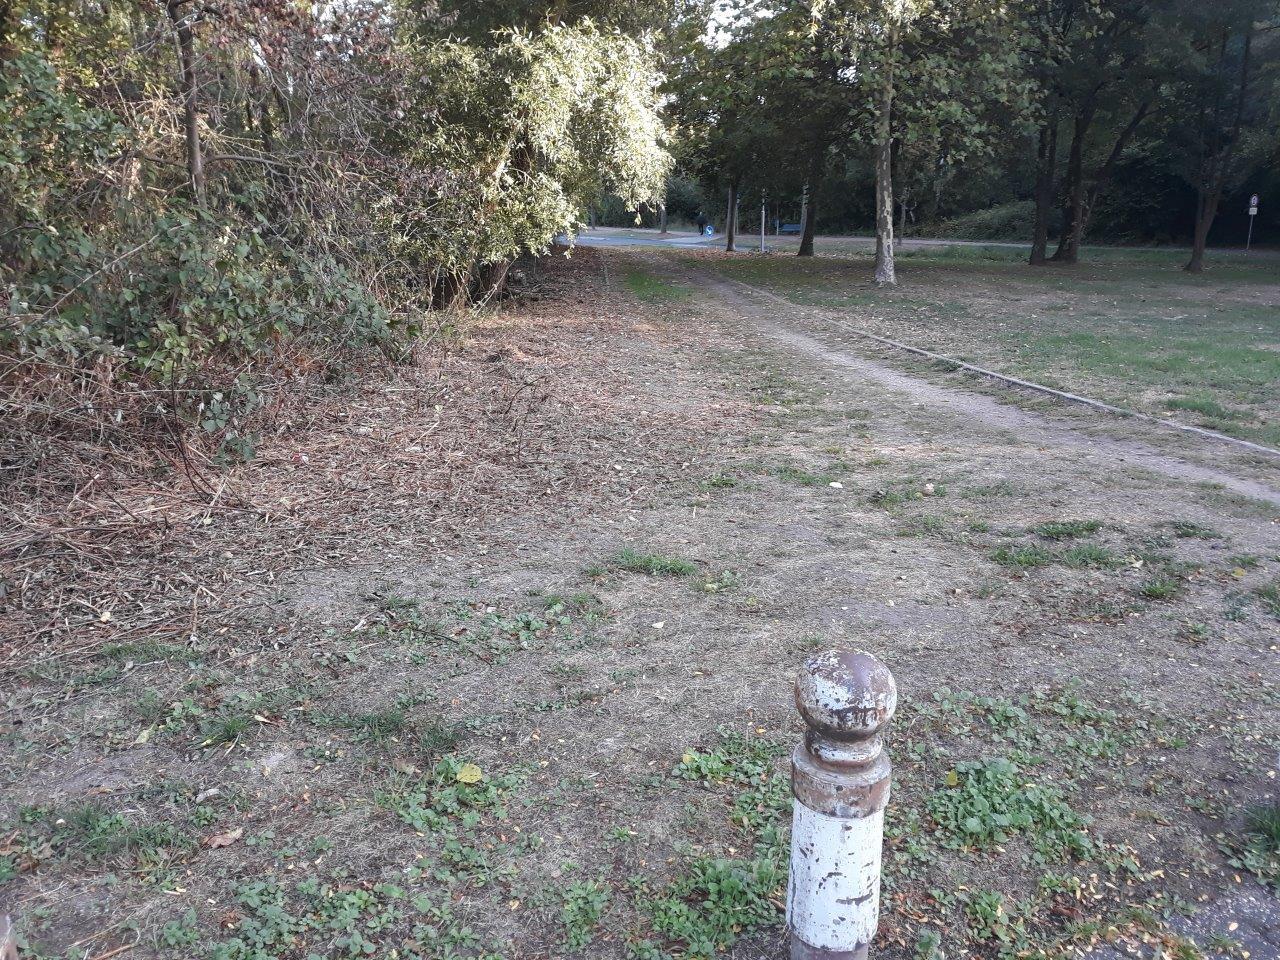 Wegsanierung-Moerikestraße-Parkplatz-Angelweiher2018-3